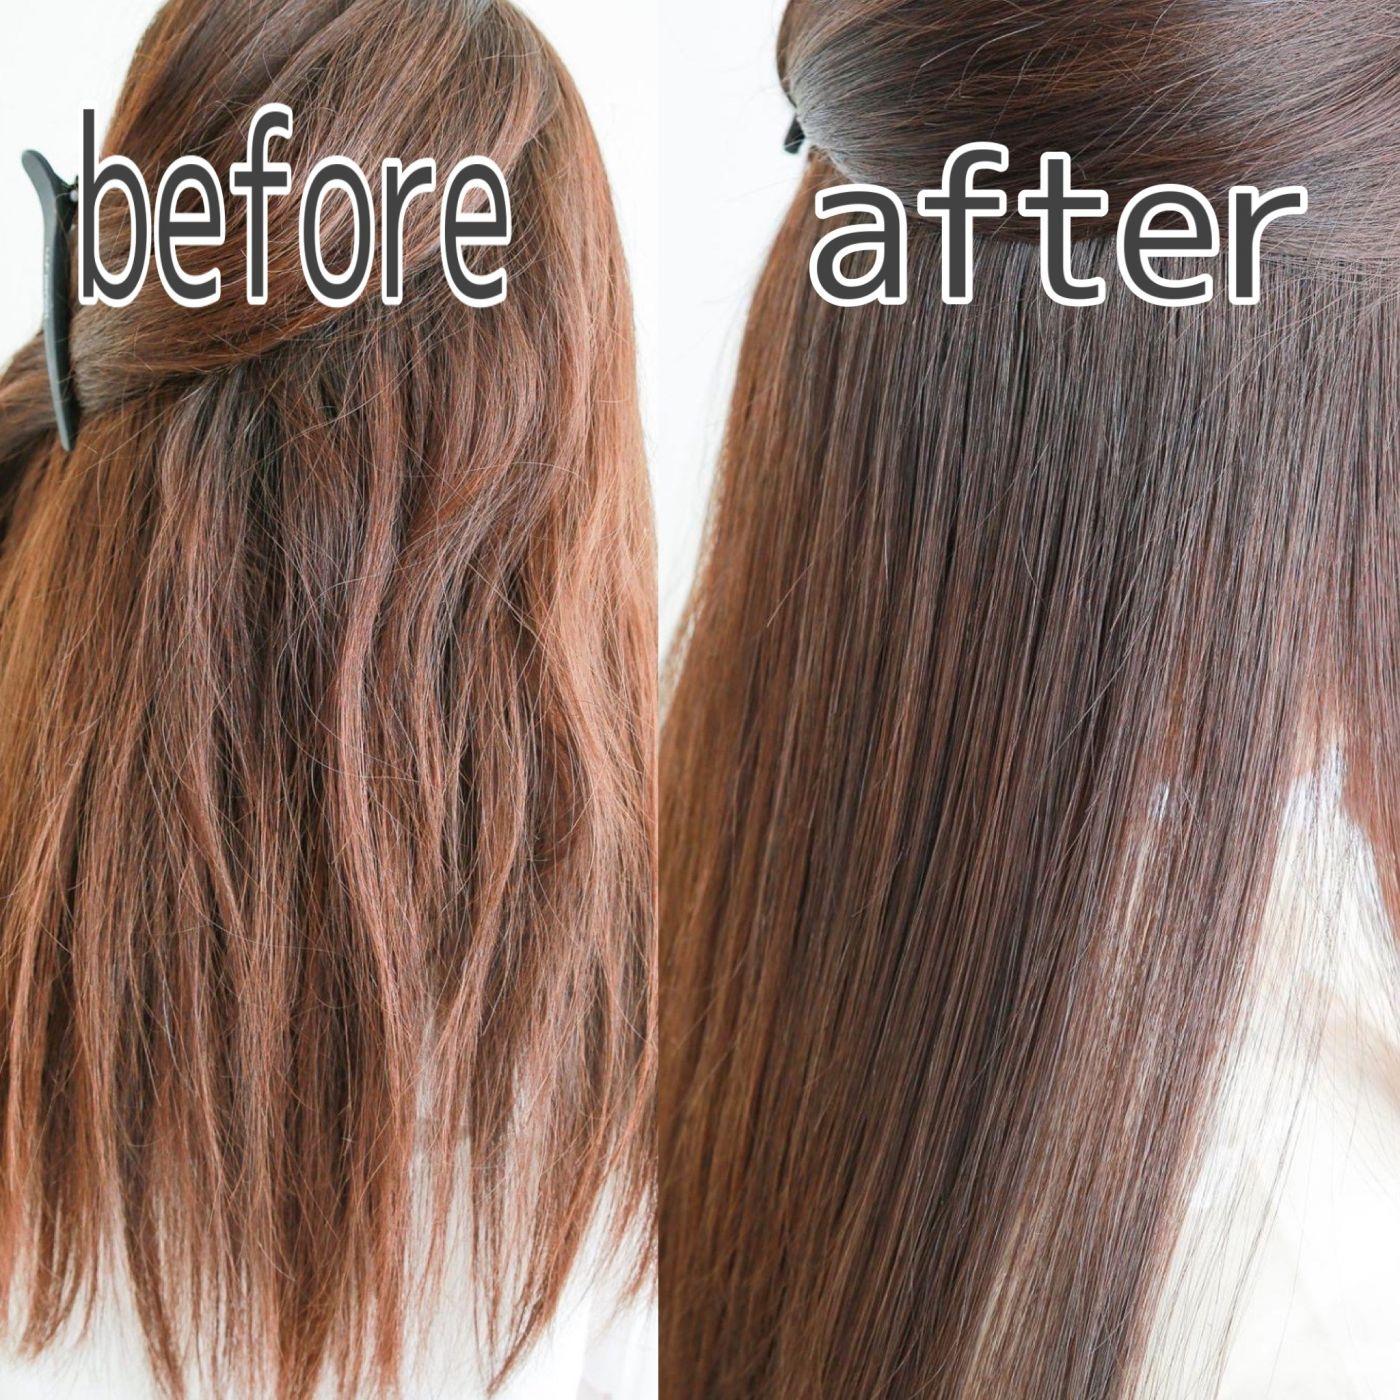 完全オーダーメイドの髪質改善縮毛矯正